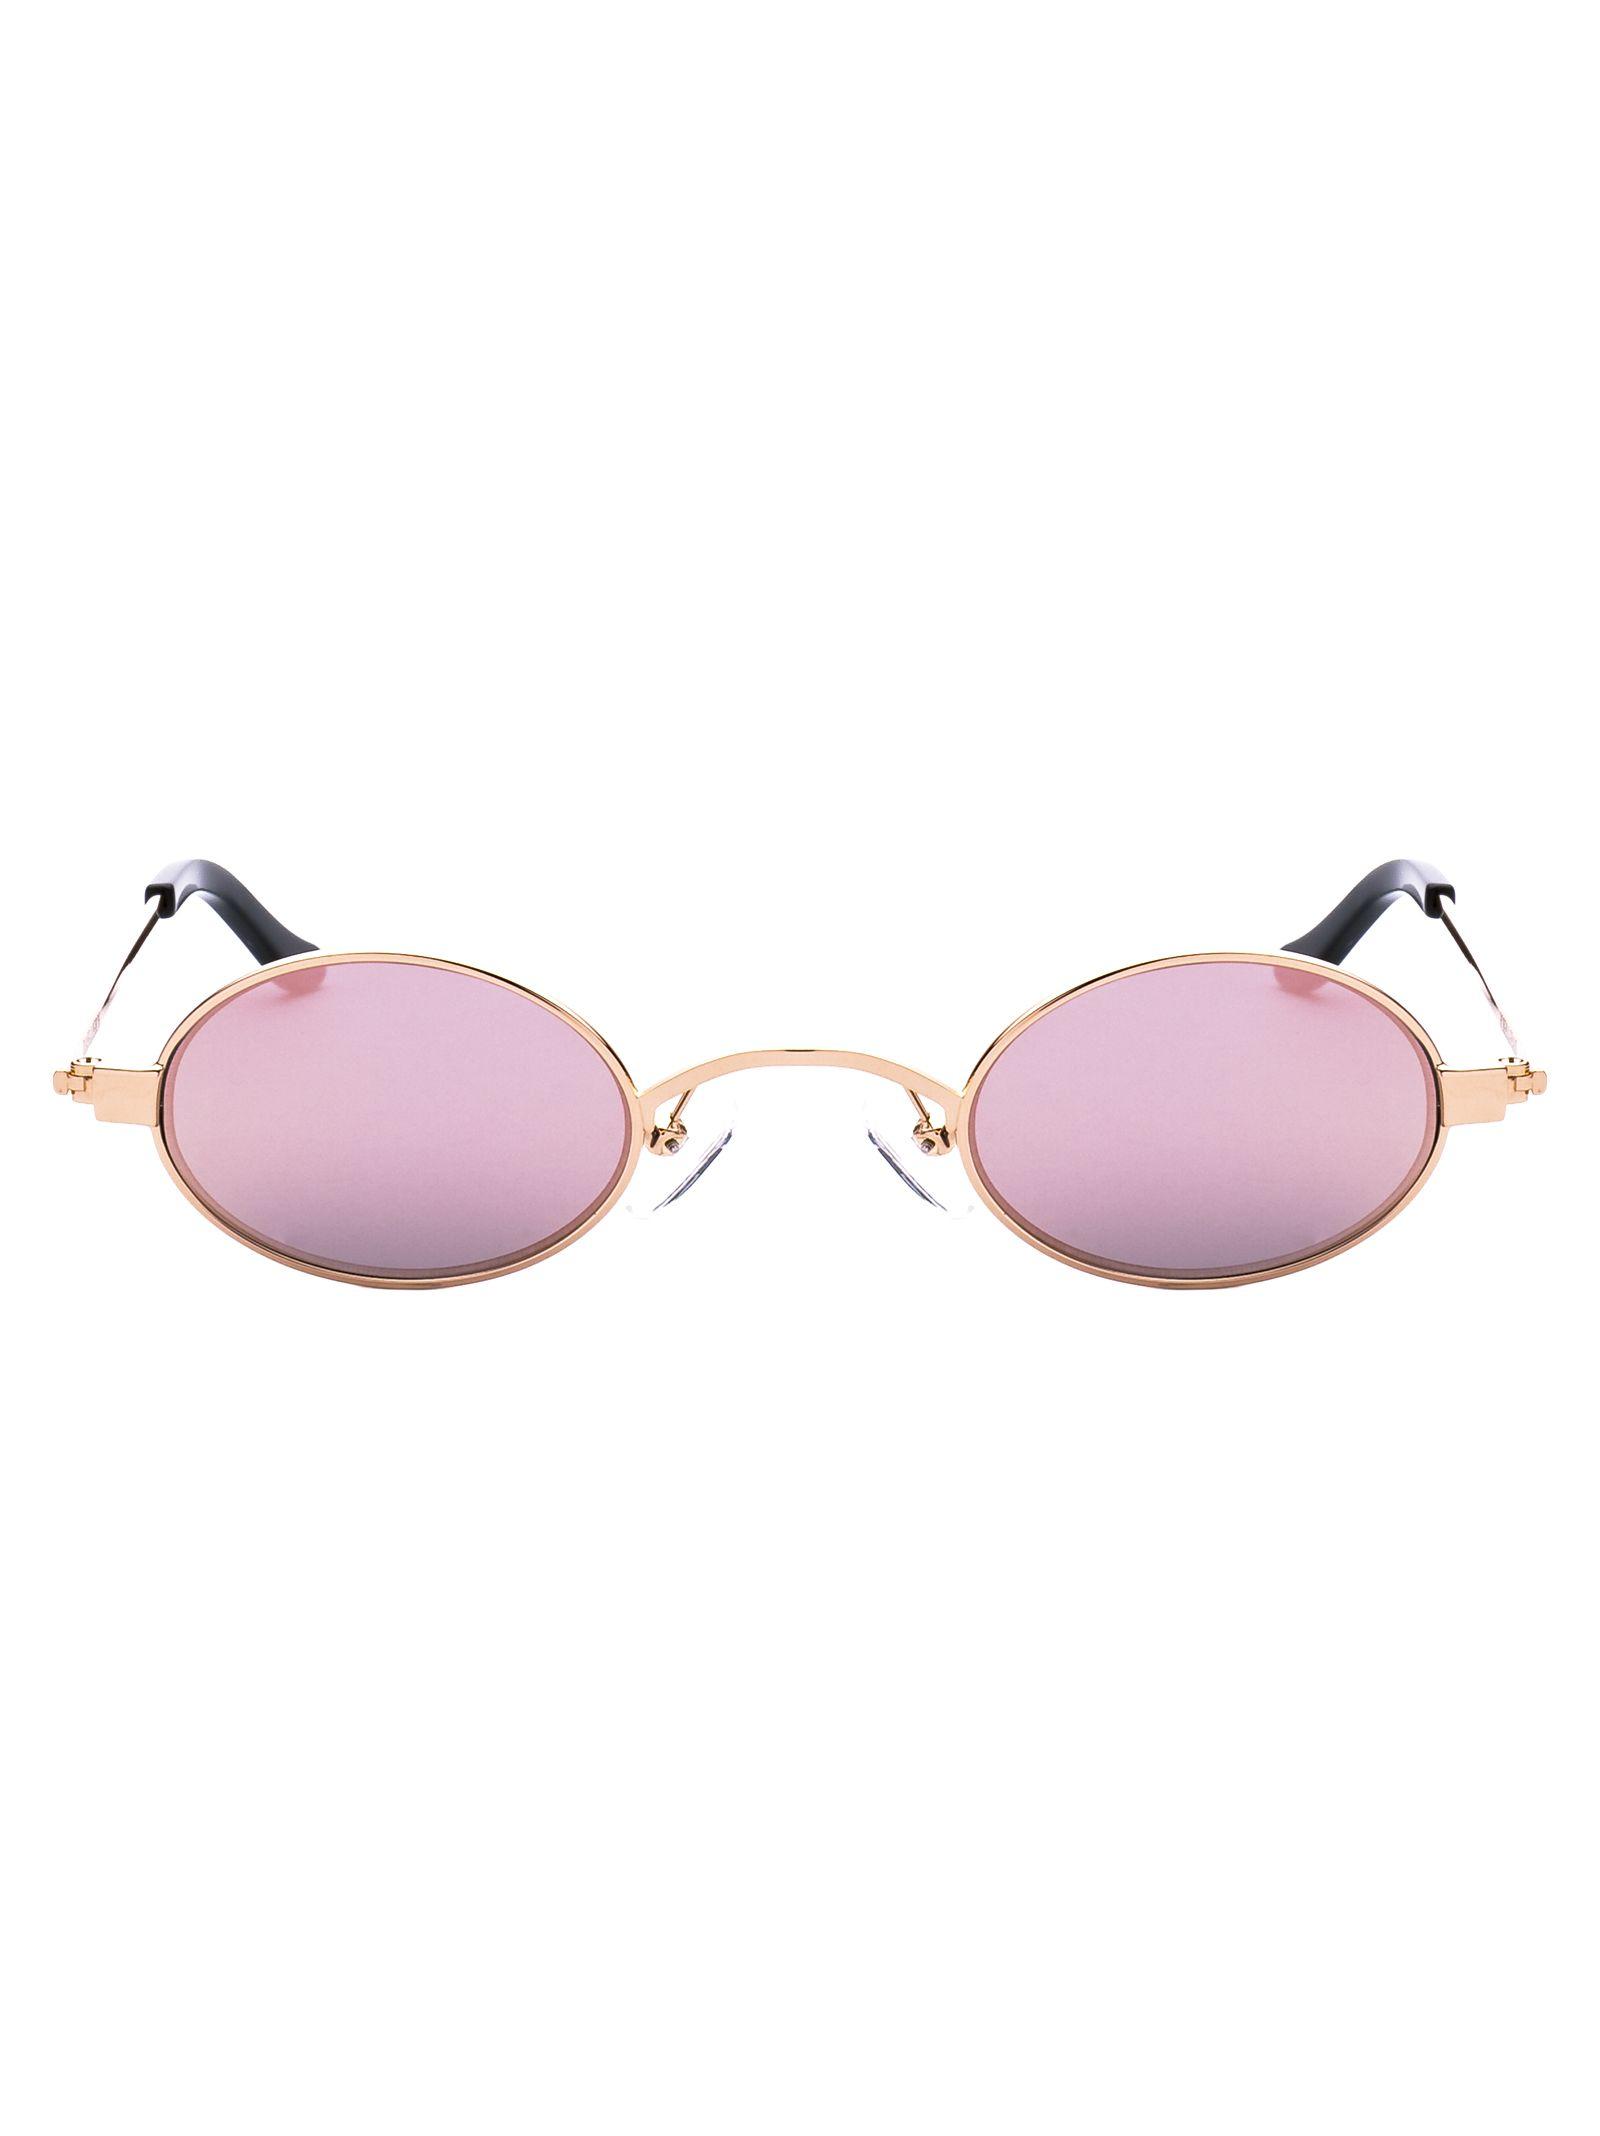 Roberi & Fraud Doris Sunglasses